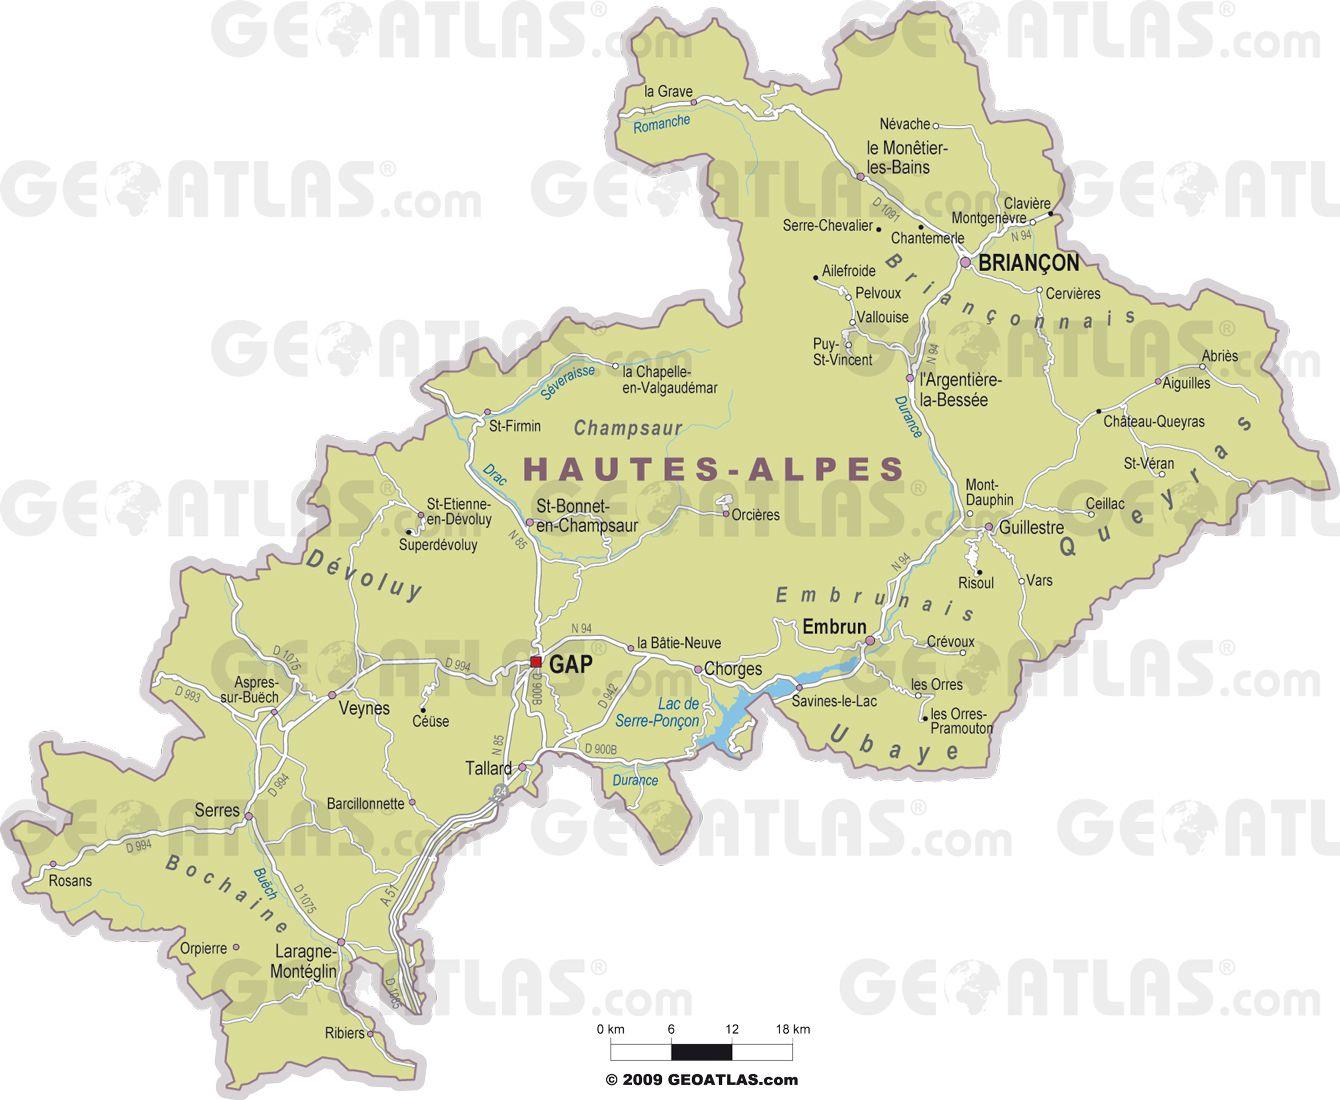 Carte des villes des Hautes-Alpes